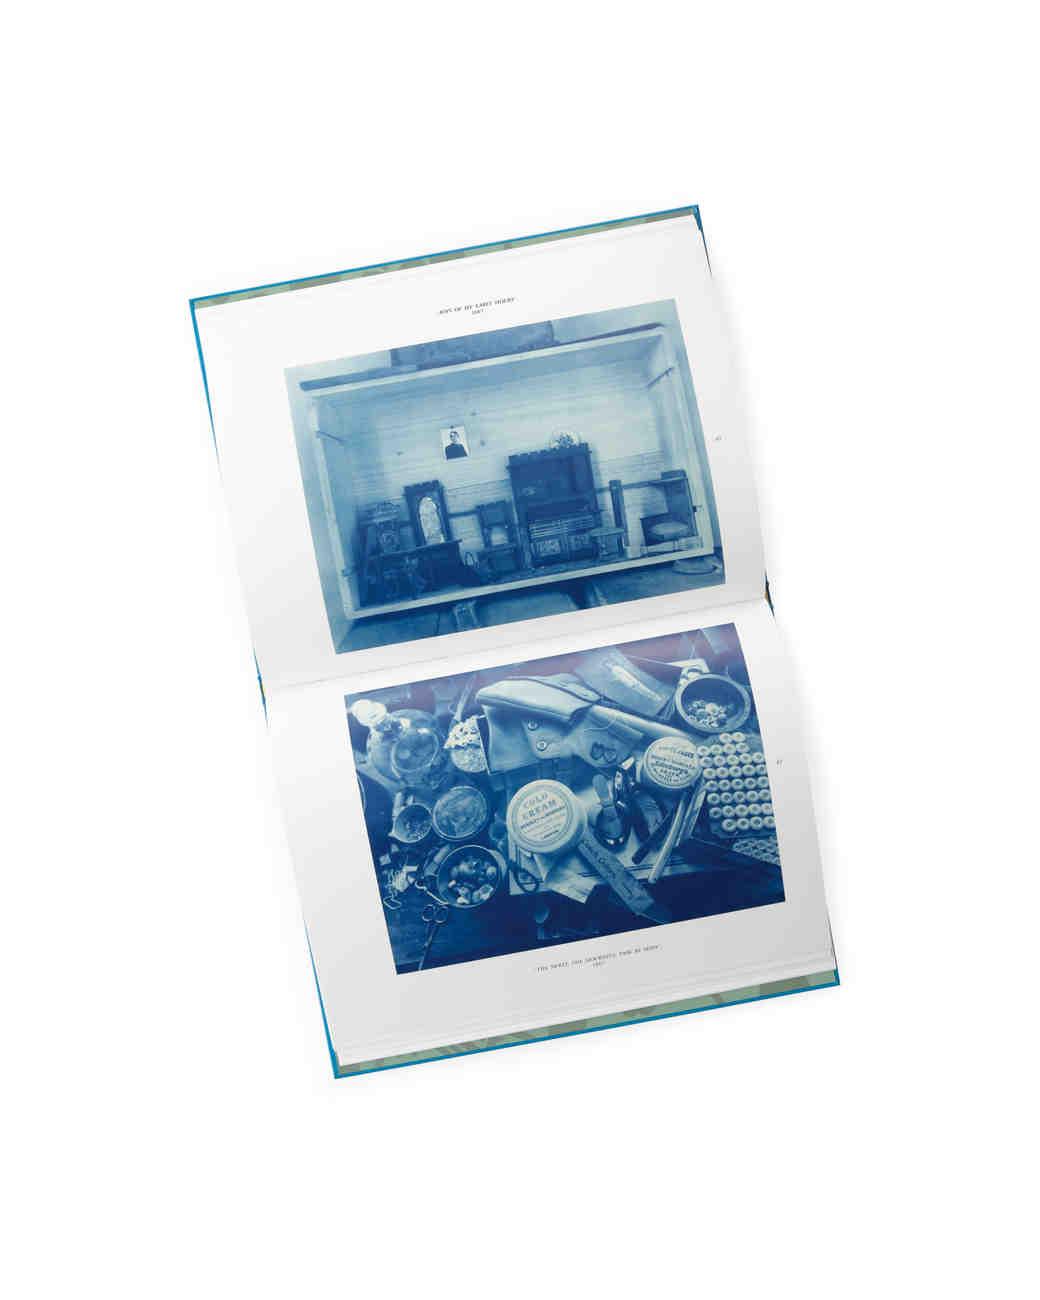 handmade-book-mwd108533.jpg